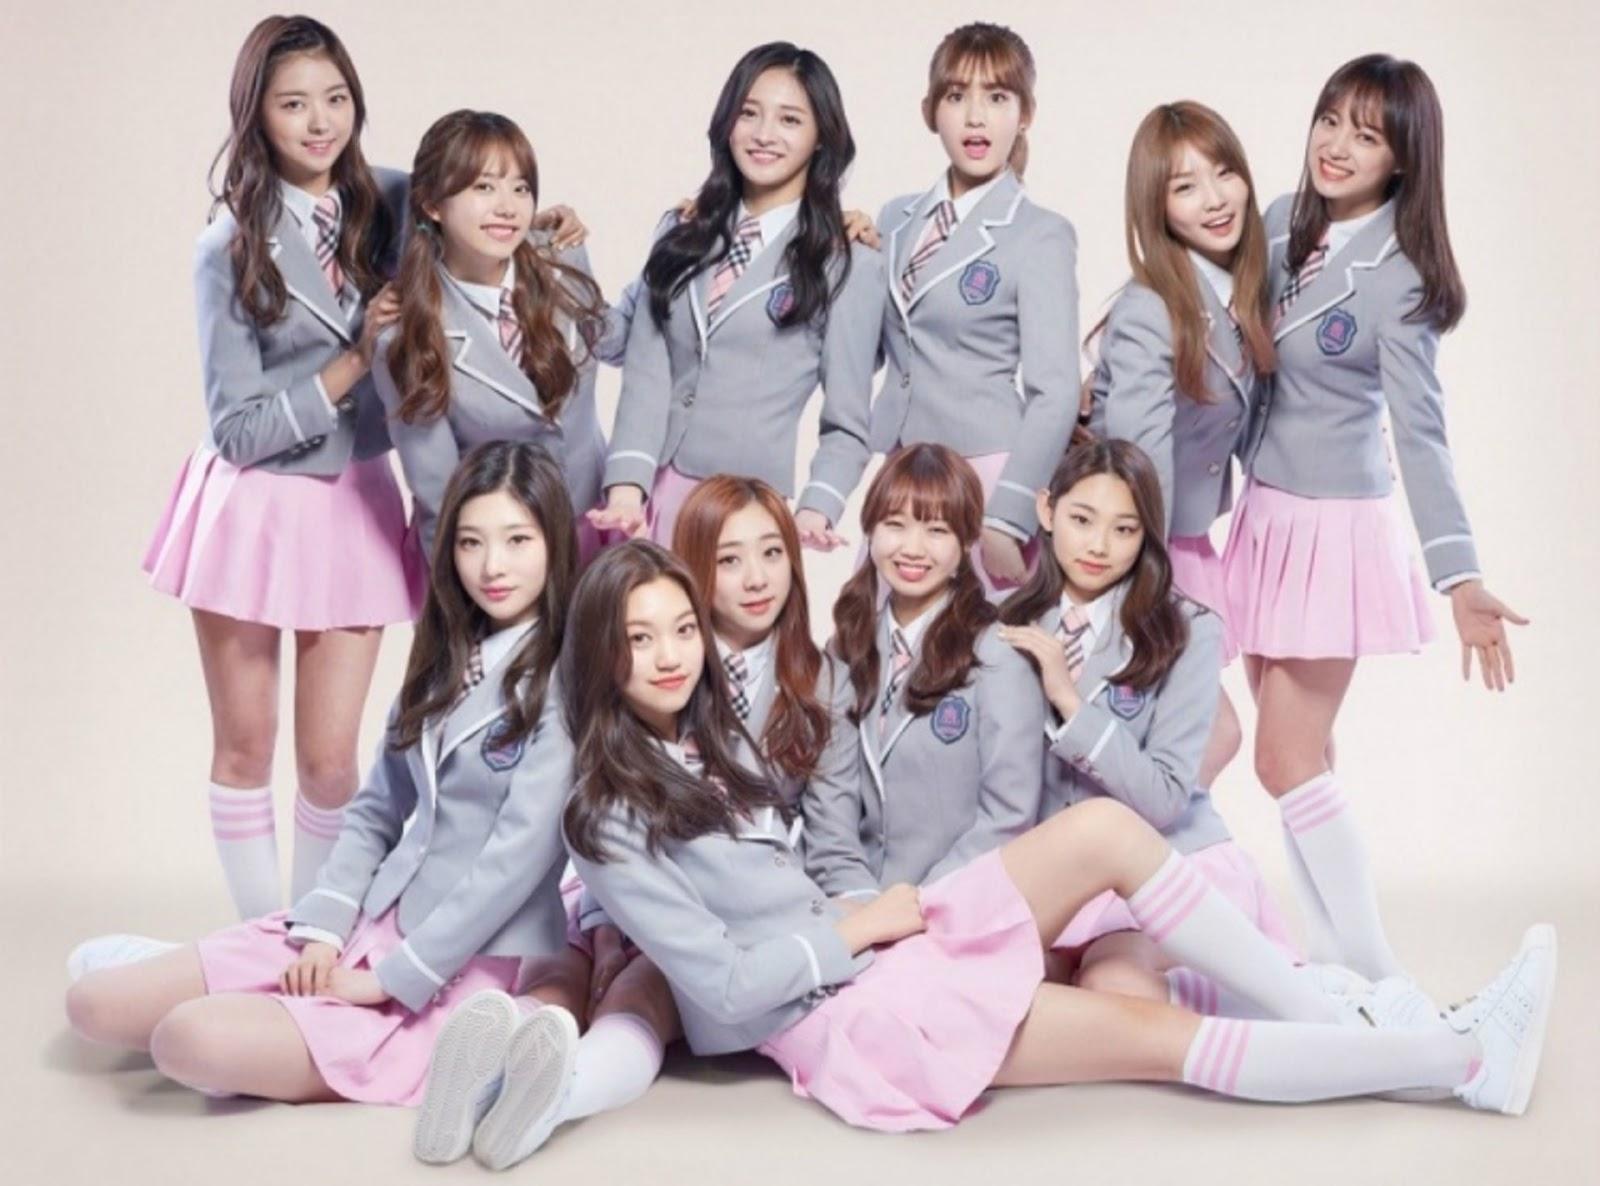 mnet produce lawsuit 5